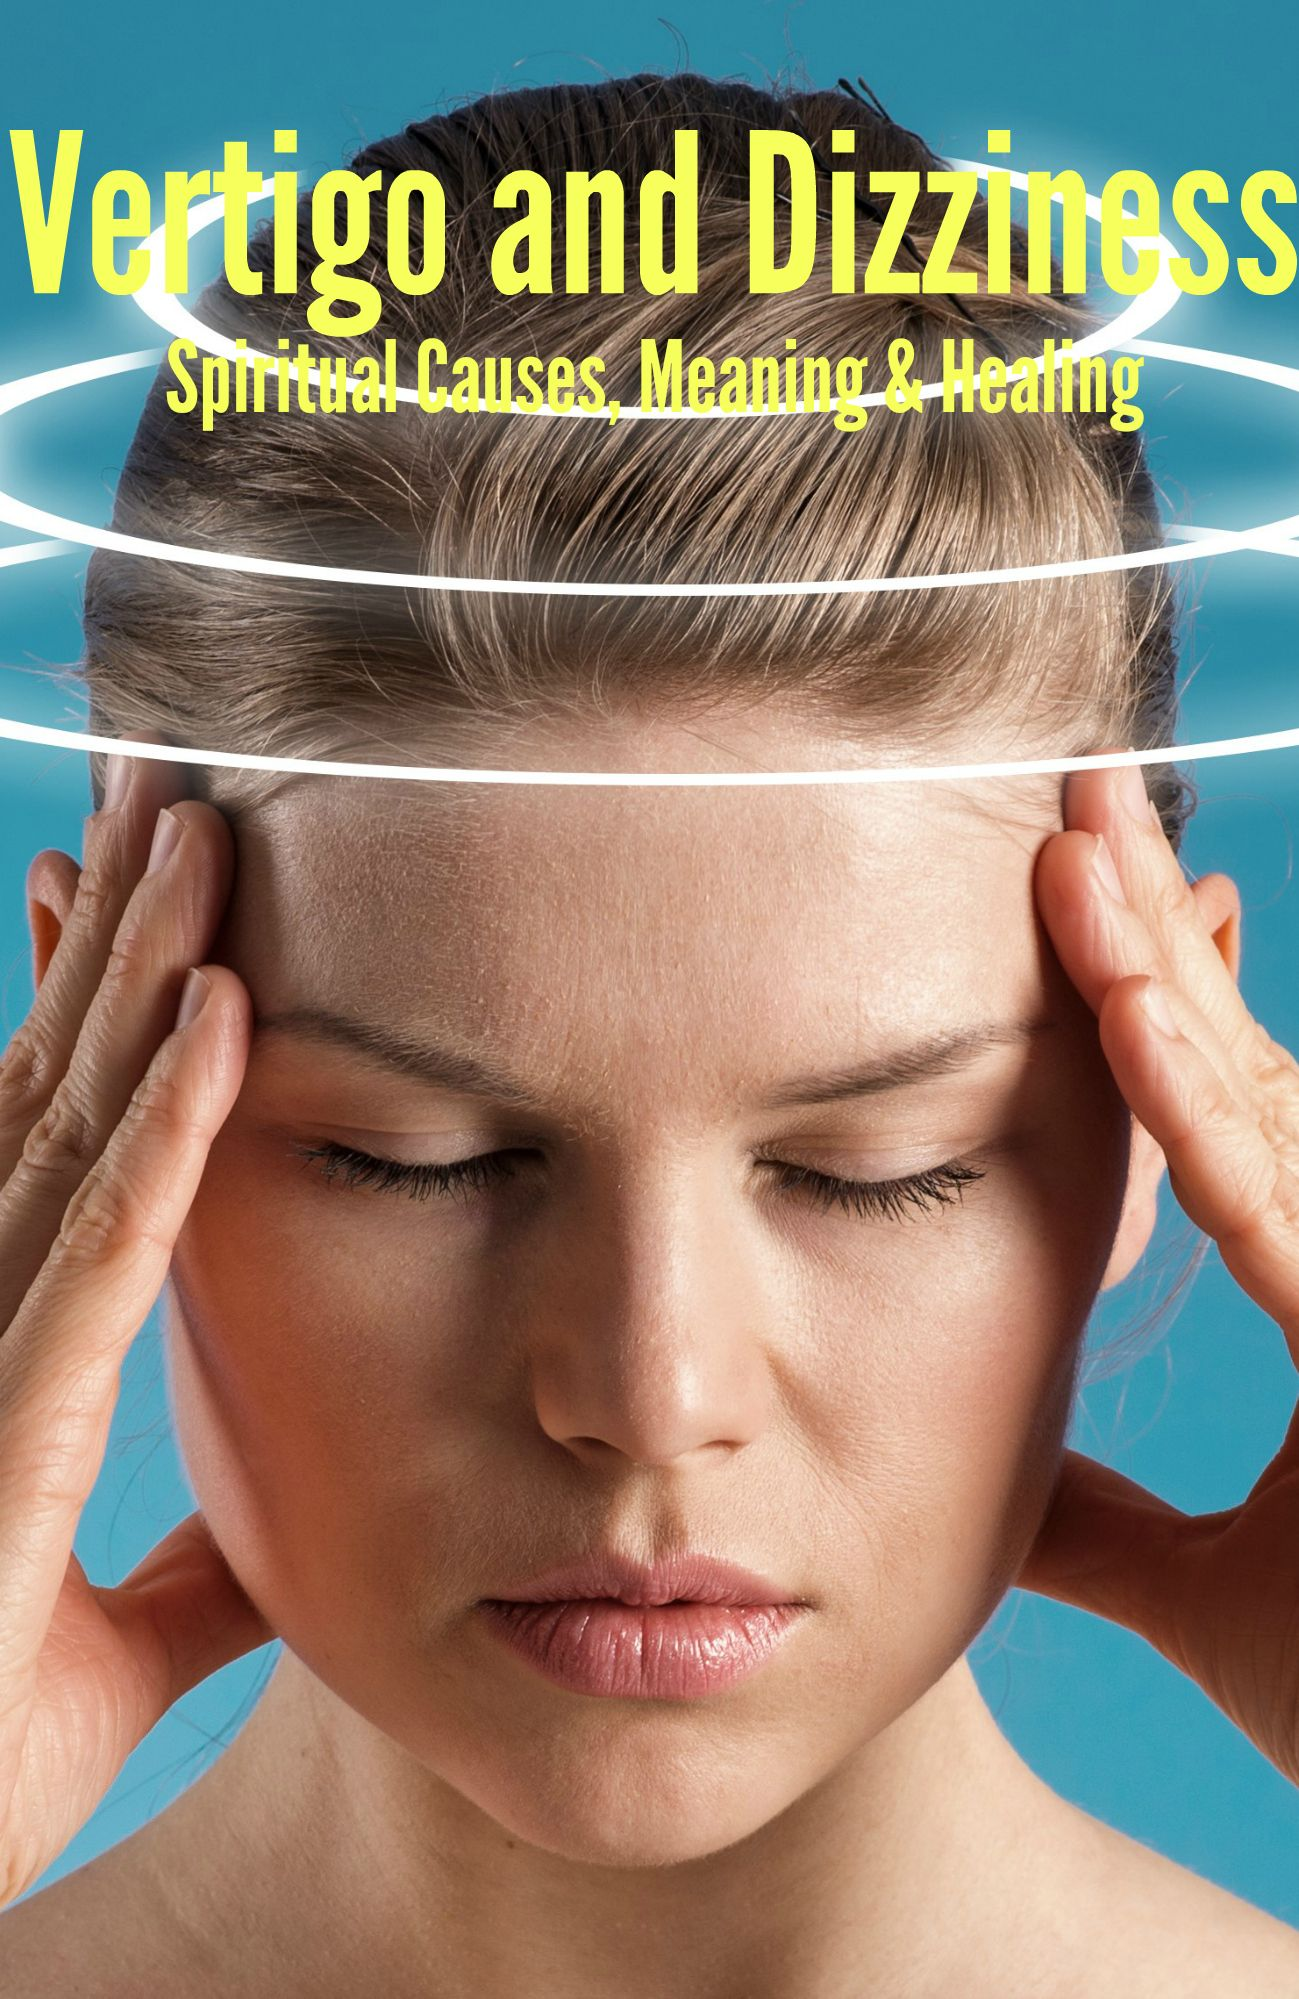 Vertigo and Dizziness - Spiritual Causes, Meaning & Healing | Health